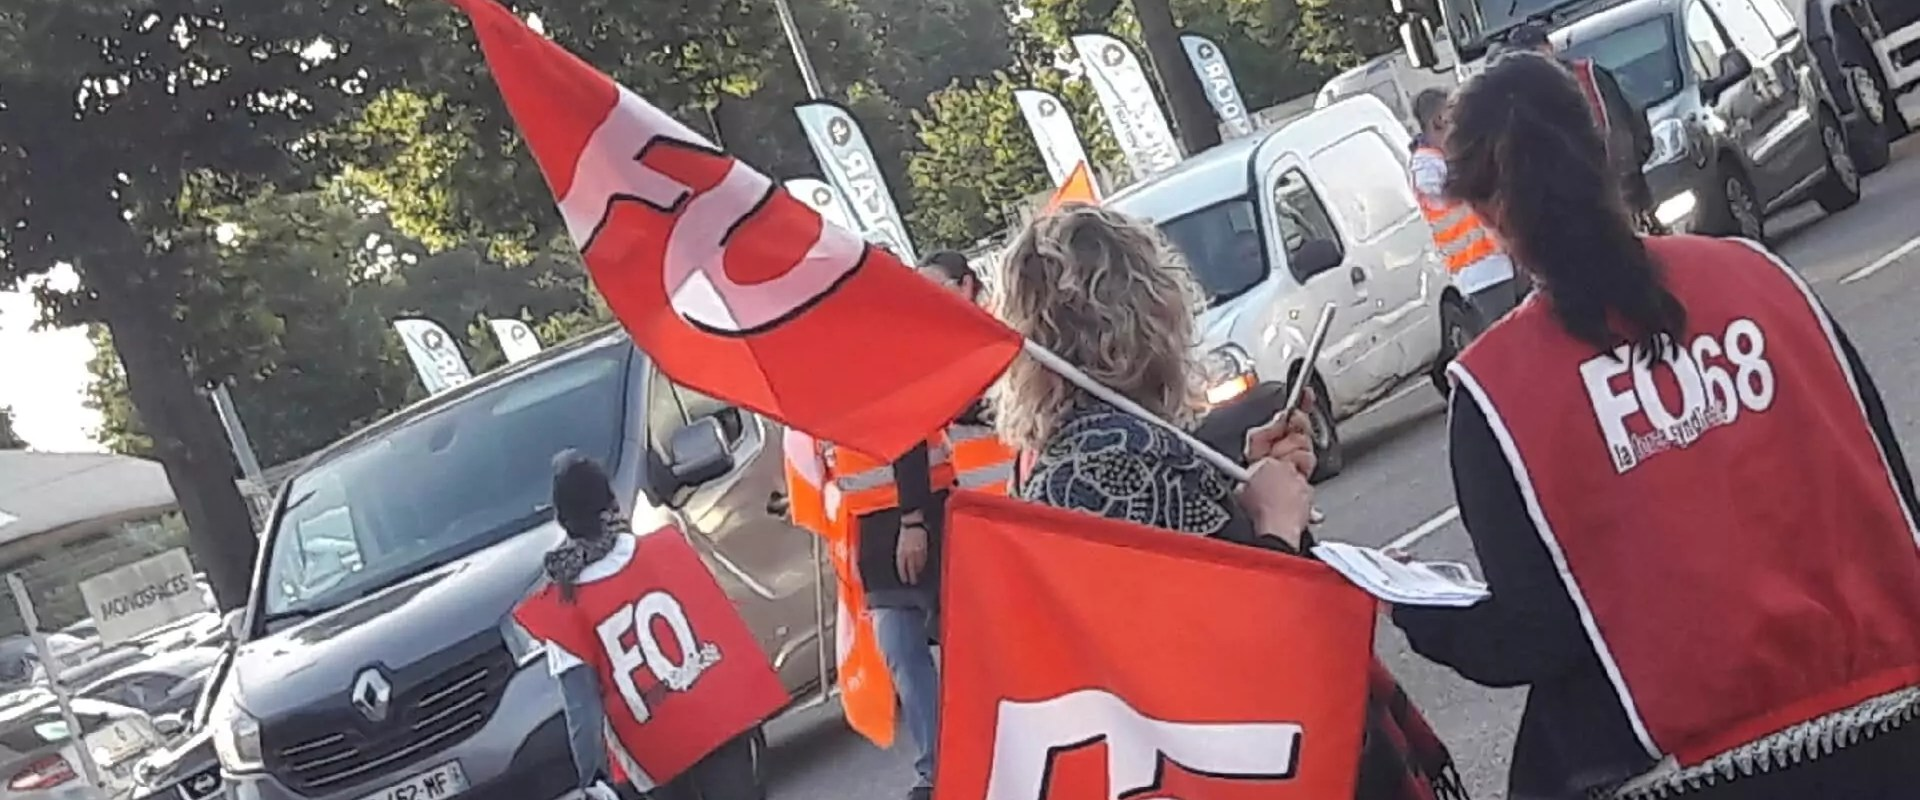 Relocalisation chez Auchan, 76 emplois supprimés à Strasbourg